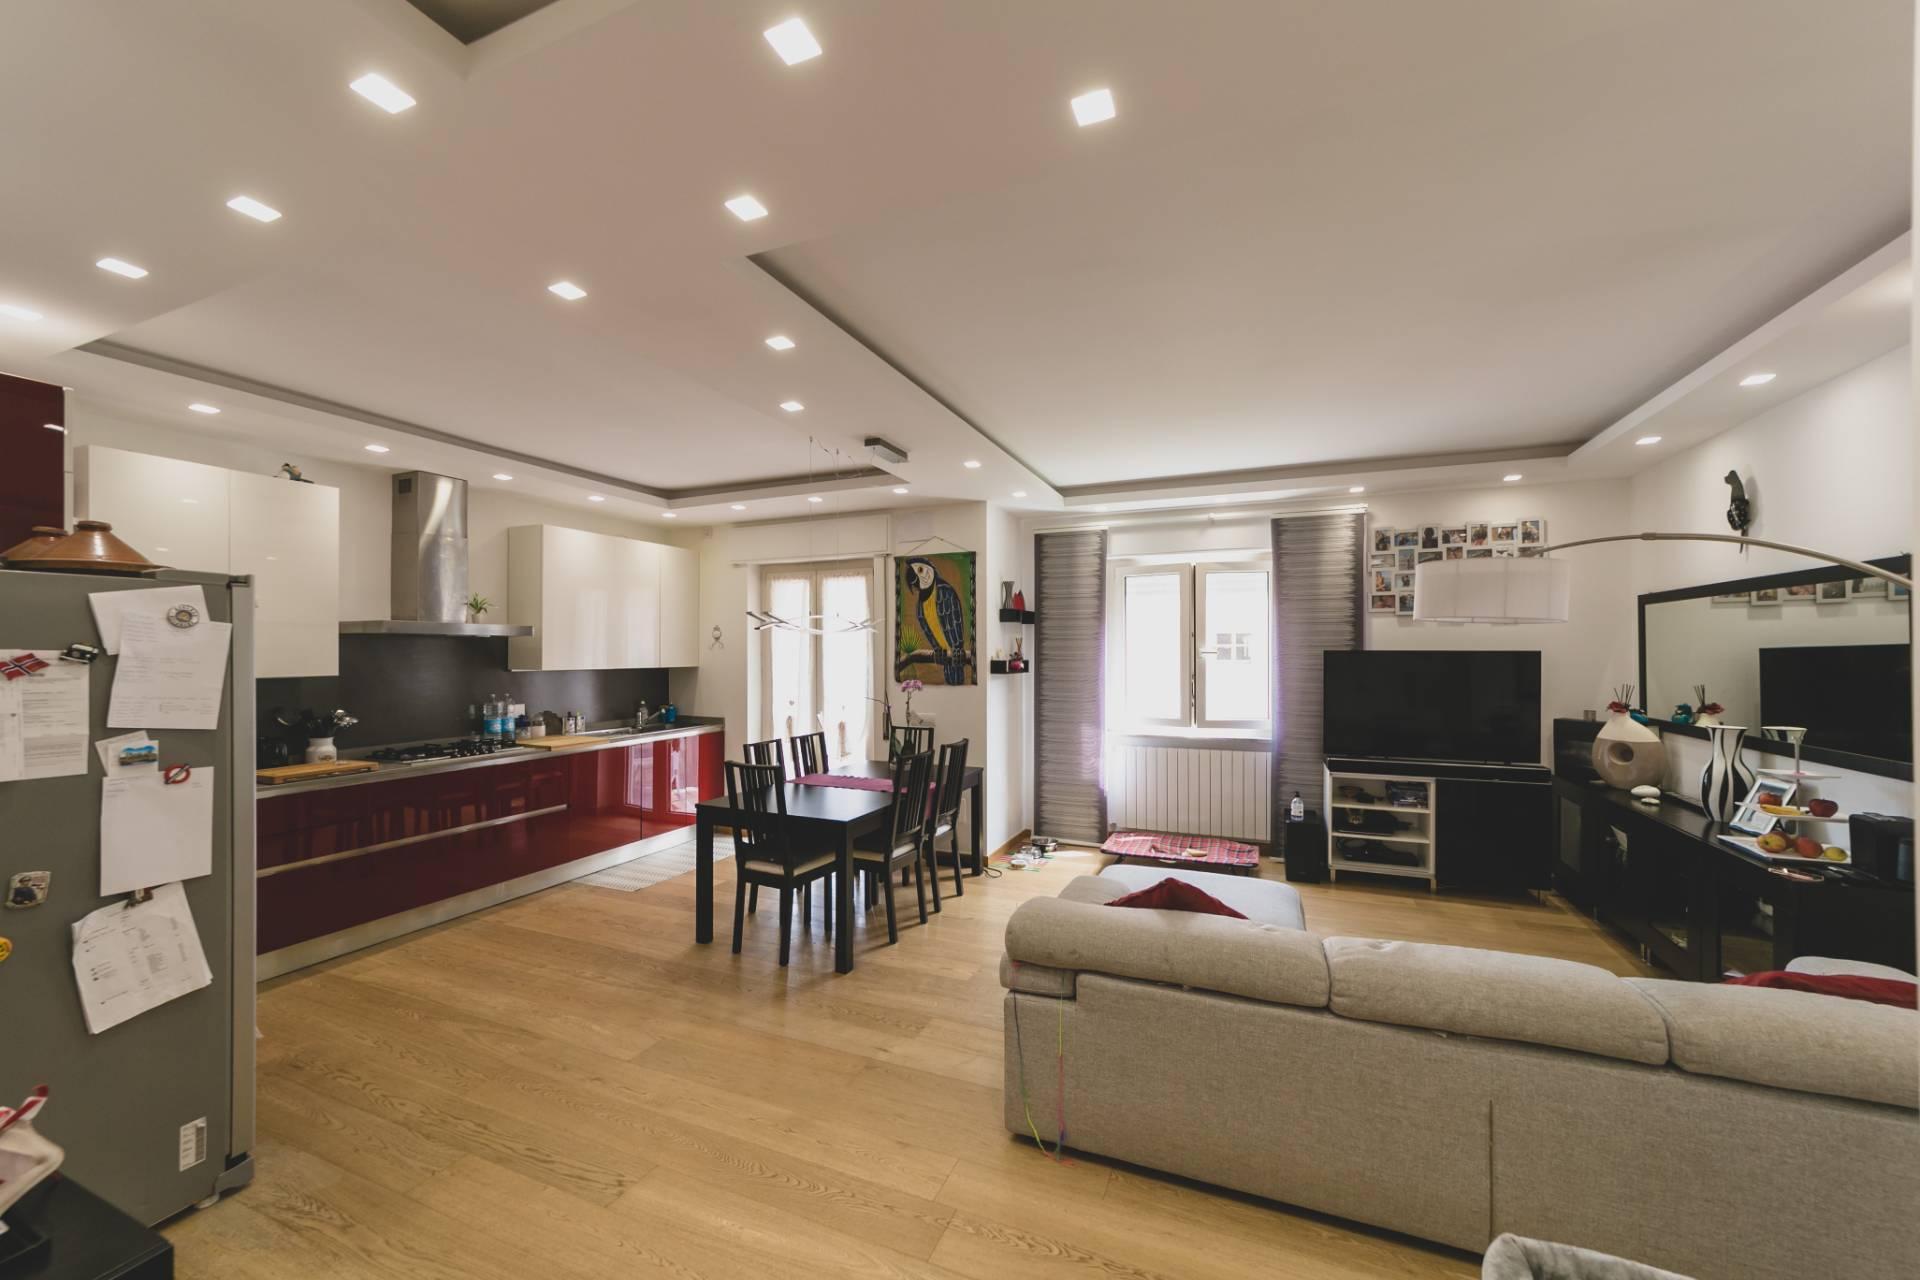 Appartamento in vendita a Orbetello, 5 locali, zona Località: OrbetelloNeghelli, prezzo € 310.000 | PortaleAgenzieImmobiliari.it